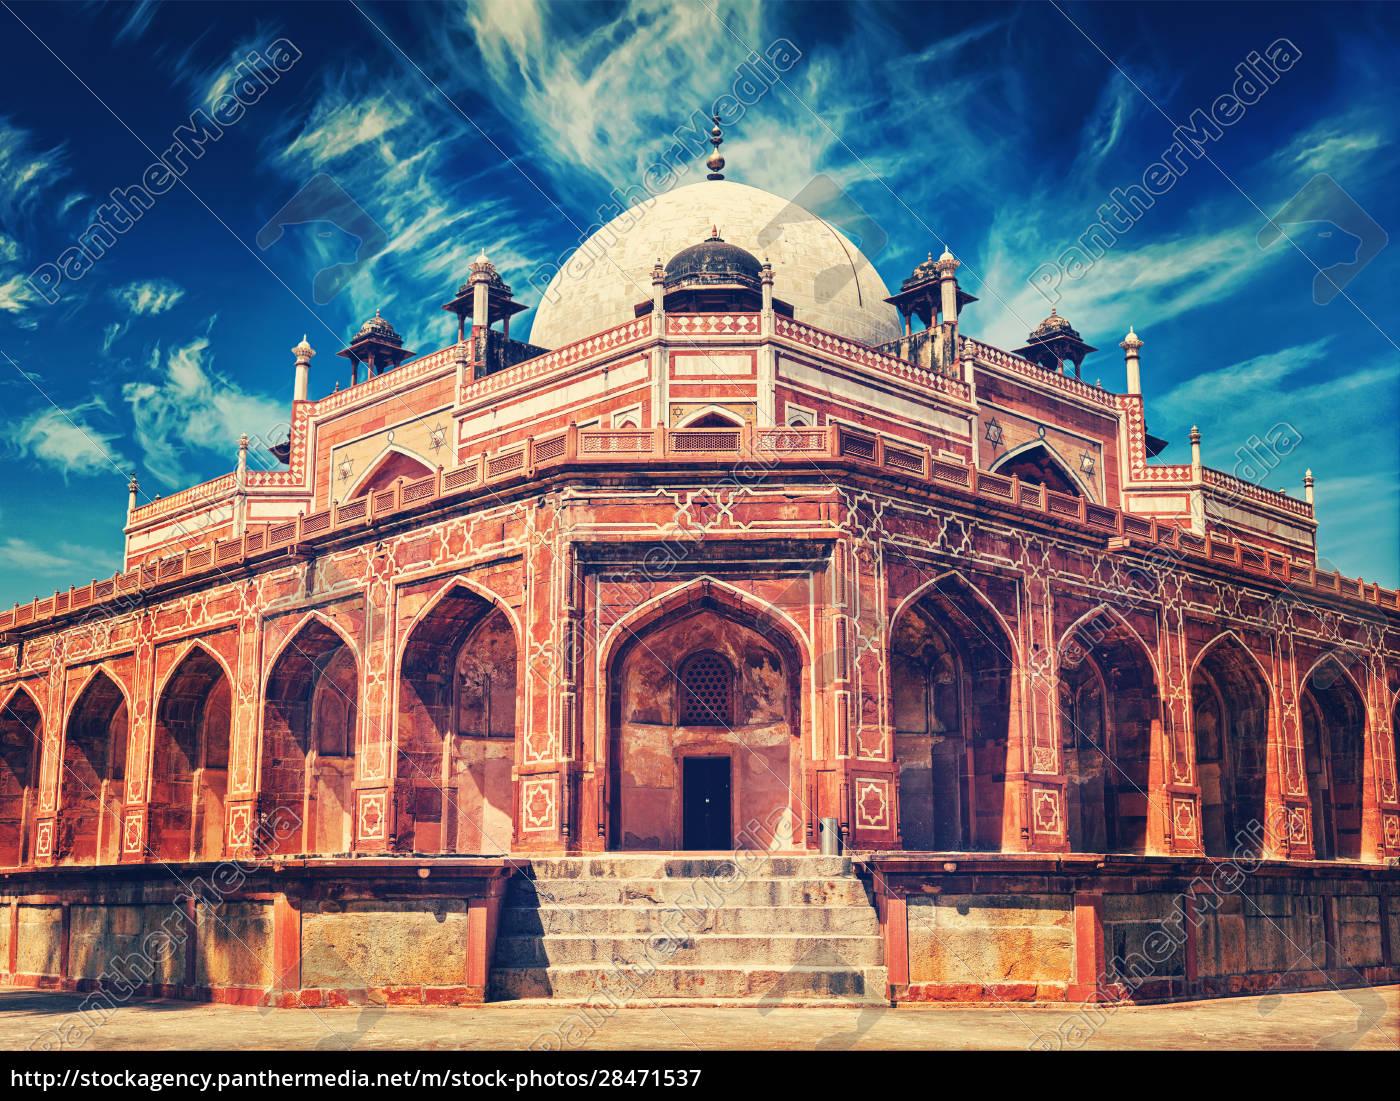 humayuns, grab., delhi, indien - 28471537